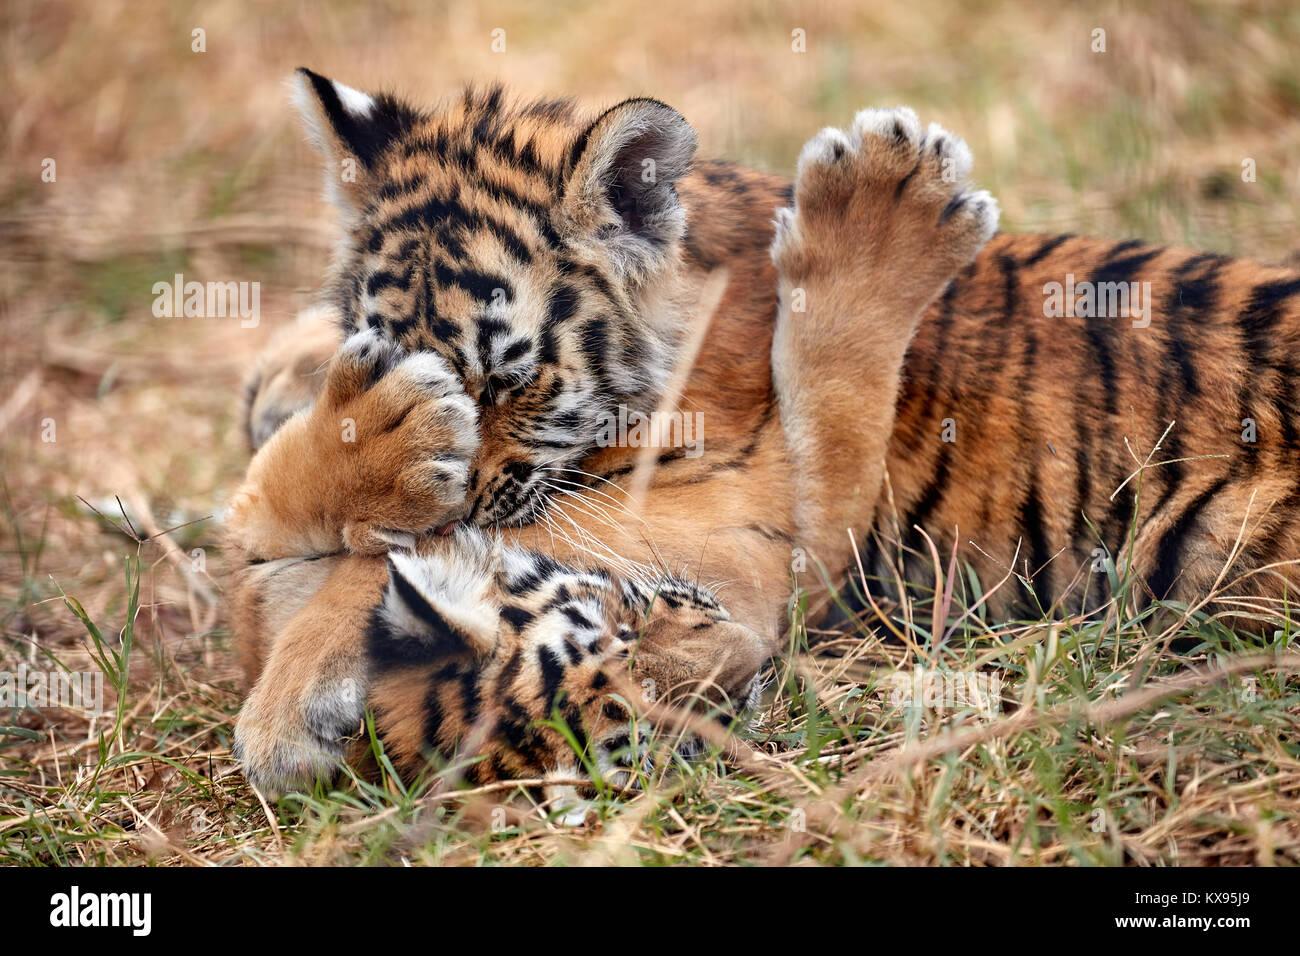 Cute little Tiger cubs jugando en el césped Foto de stock